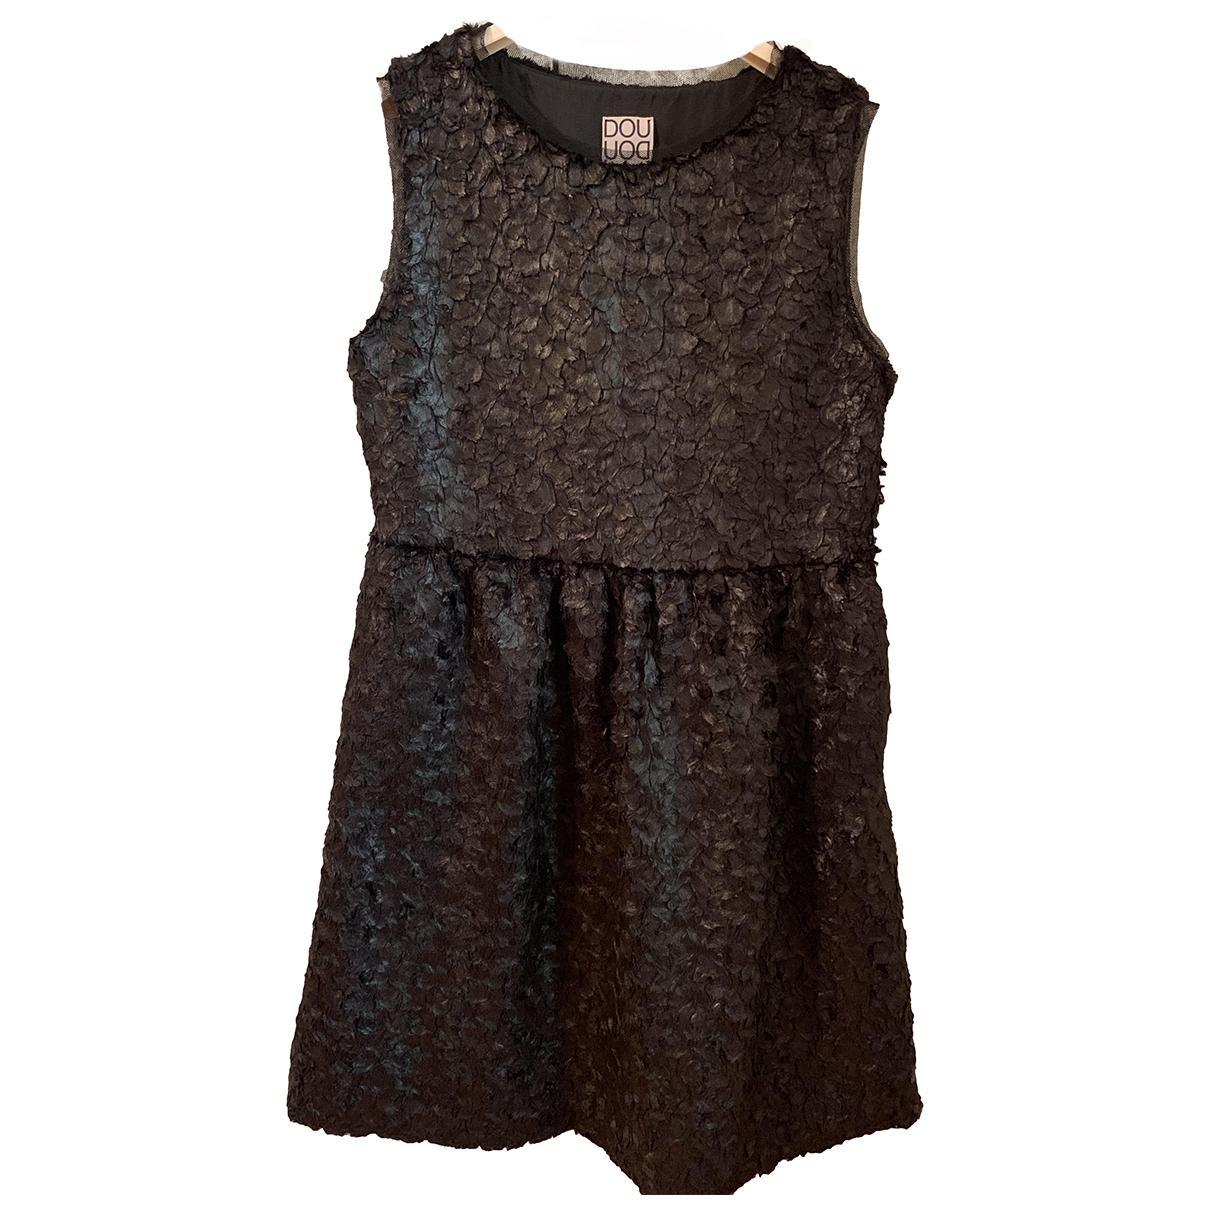 Douuod - Robe   pour femme - noir